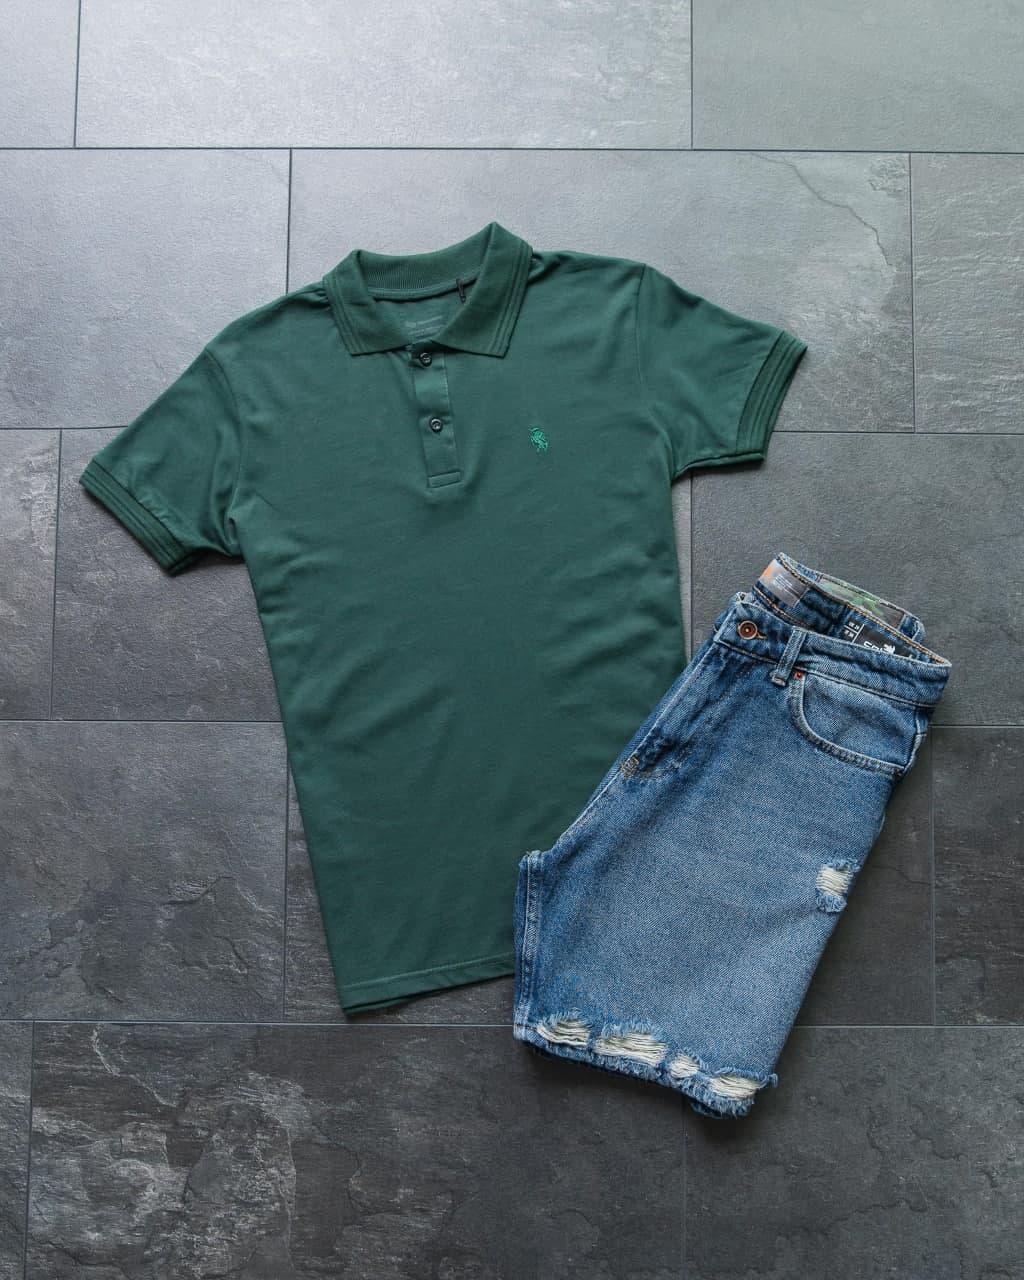 Чоловічий класичний/спортивний костюм/комплект зелений літо. Поло+шорти коттон Туреччина